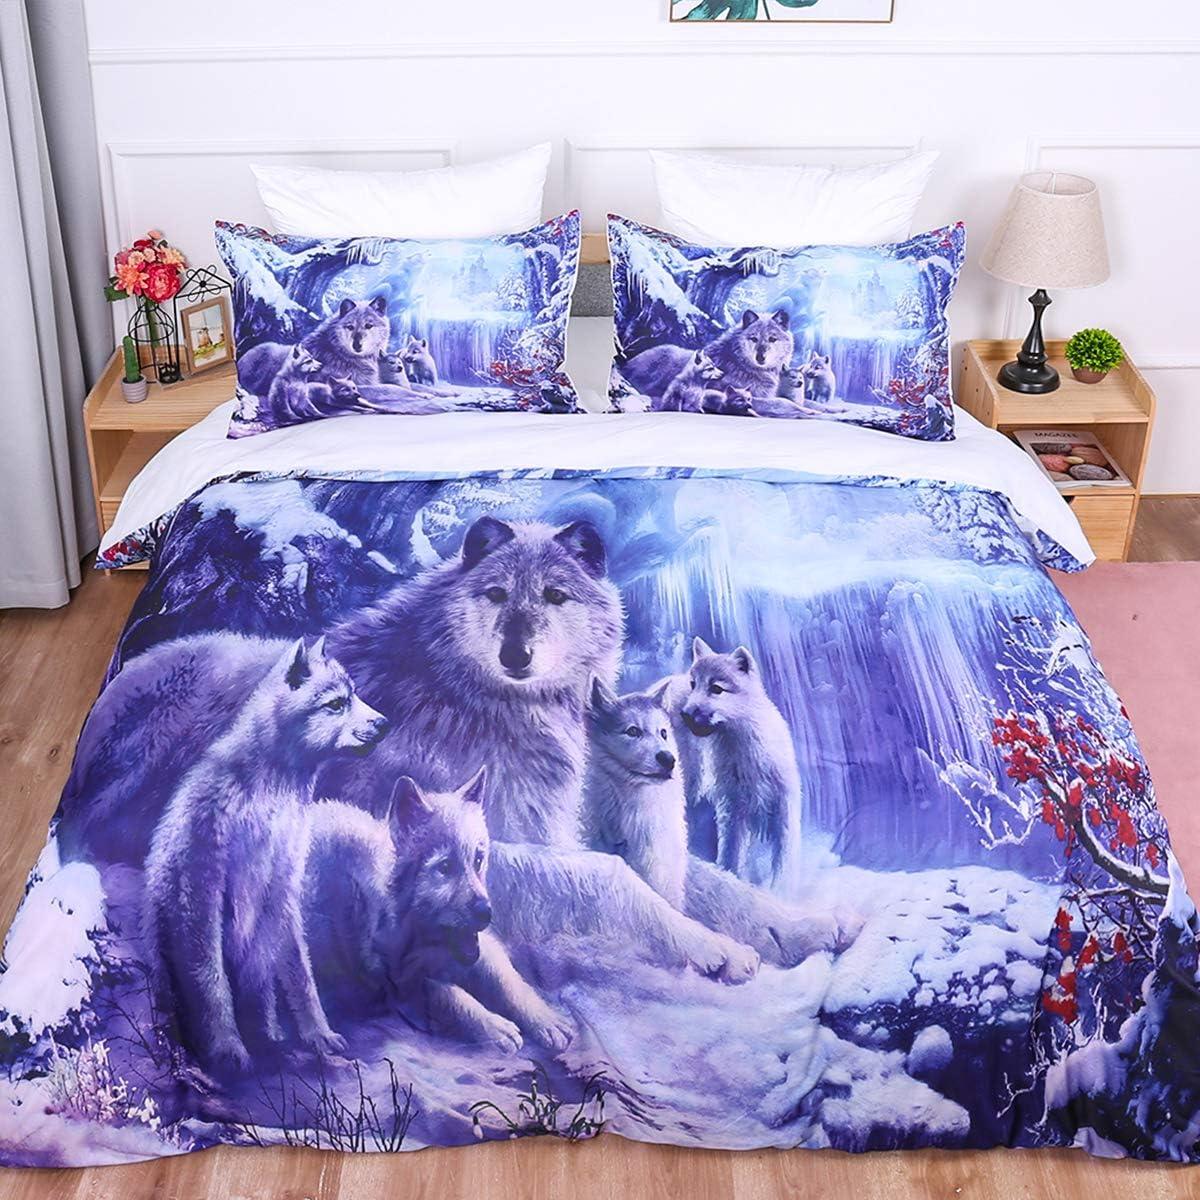 Juego de funda nórdica con estampado de edredón Snow Wolf 3D Animal Wolf Familia impresa con ropa de cama y cierre de cremallera para niños, niños, adultos, microfibra individual 140x200cm